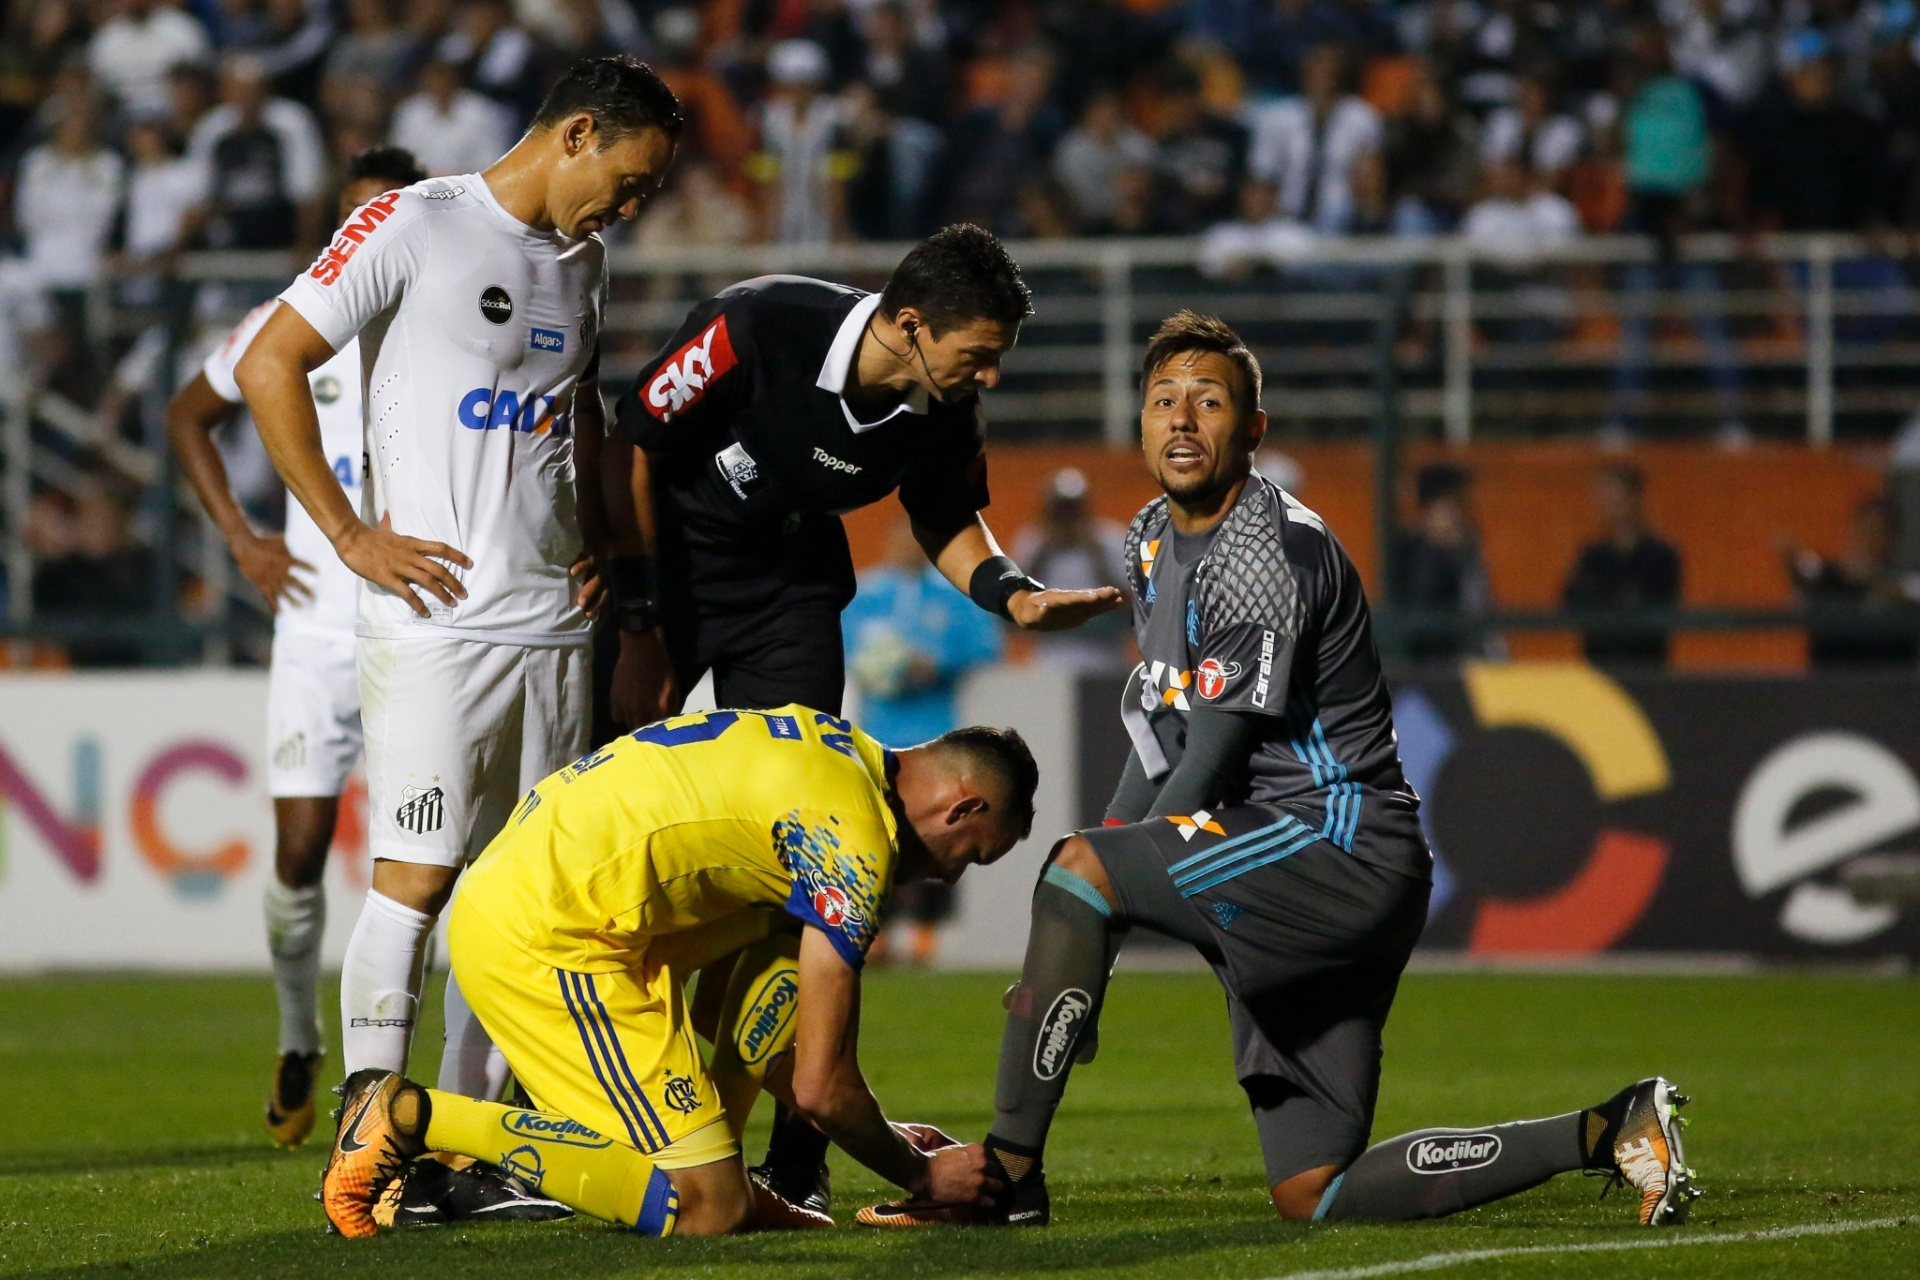 Réver diz que Diego Alves está abalado por discussão com Dorival no Fla -  Esporte - BOL 926bcc0bd66f4